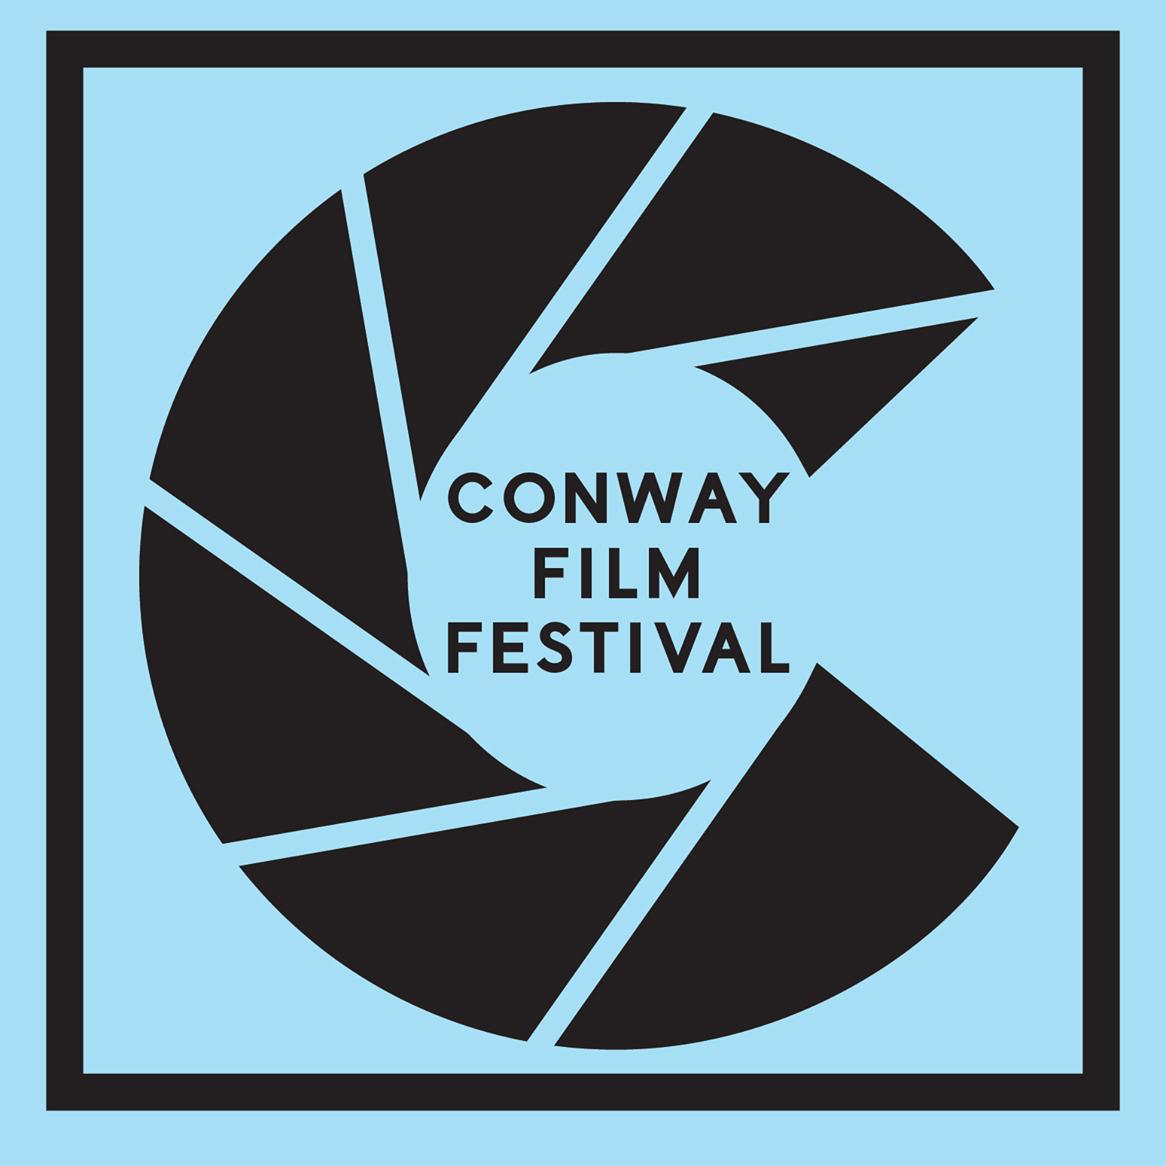 Conway Film Festival Logo.jpg